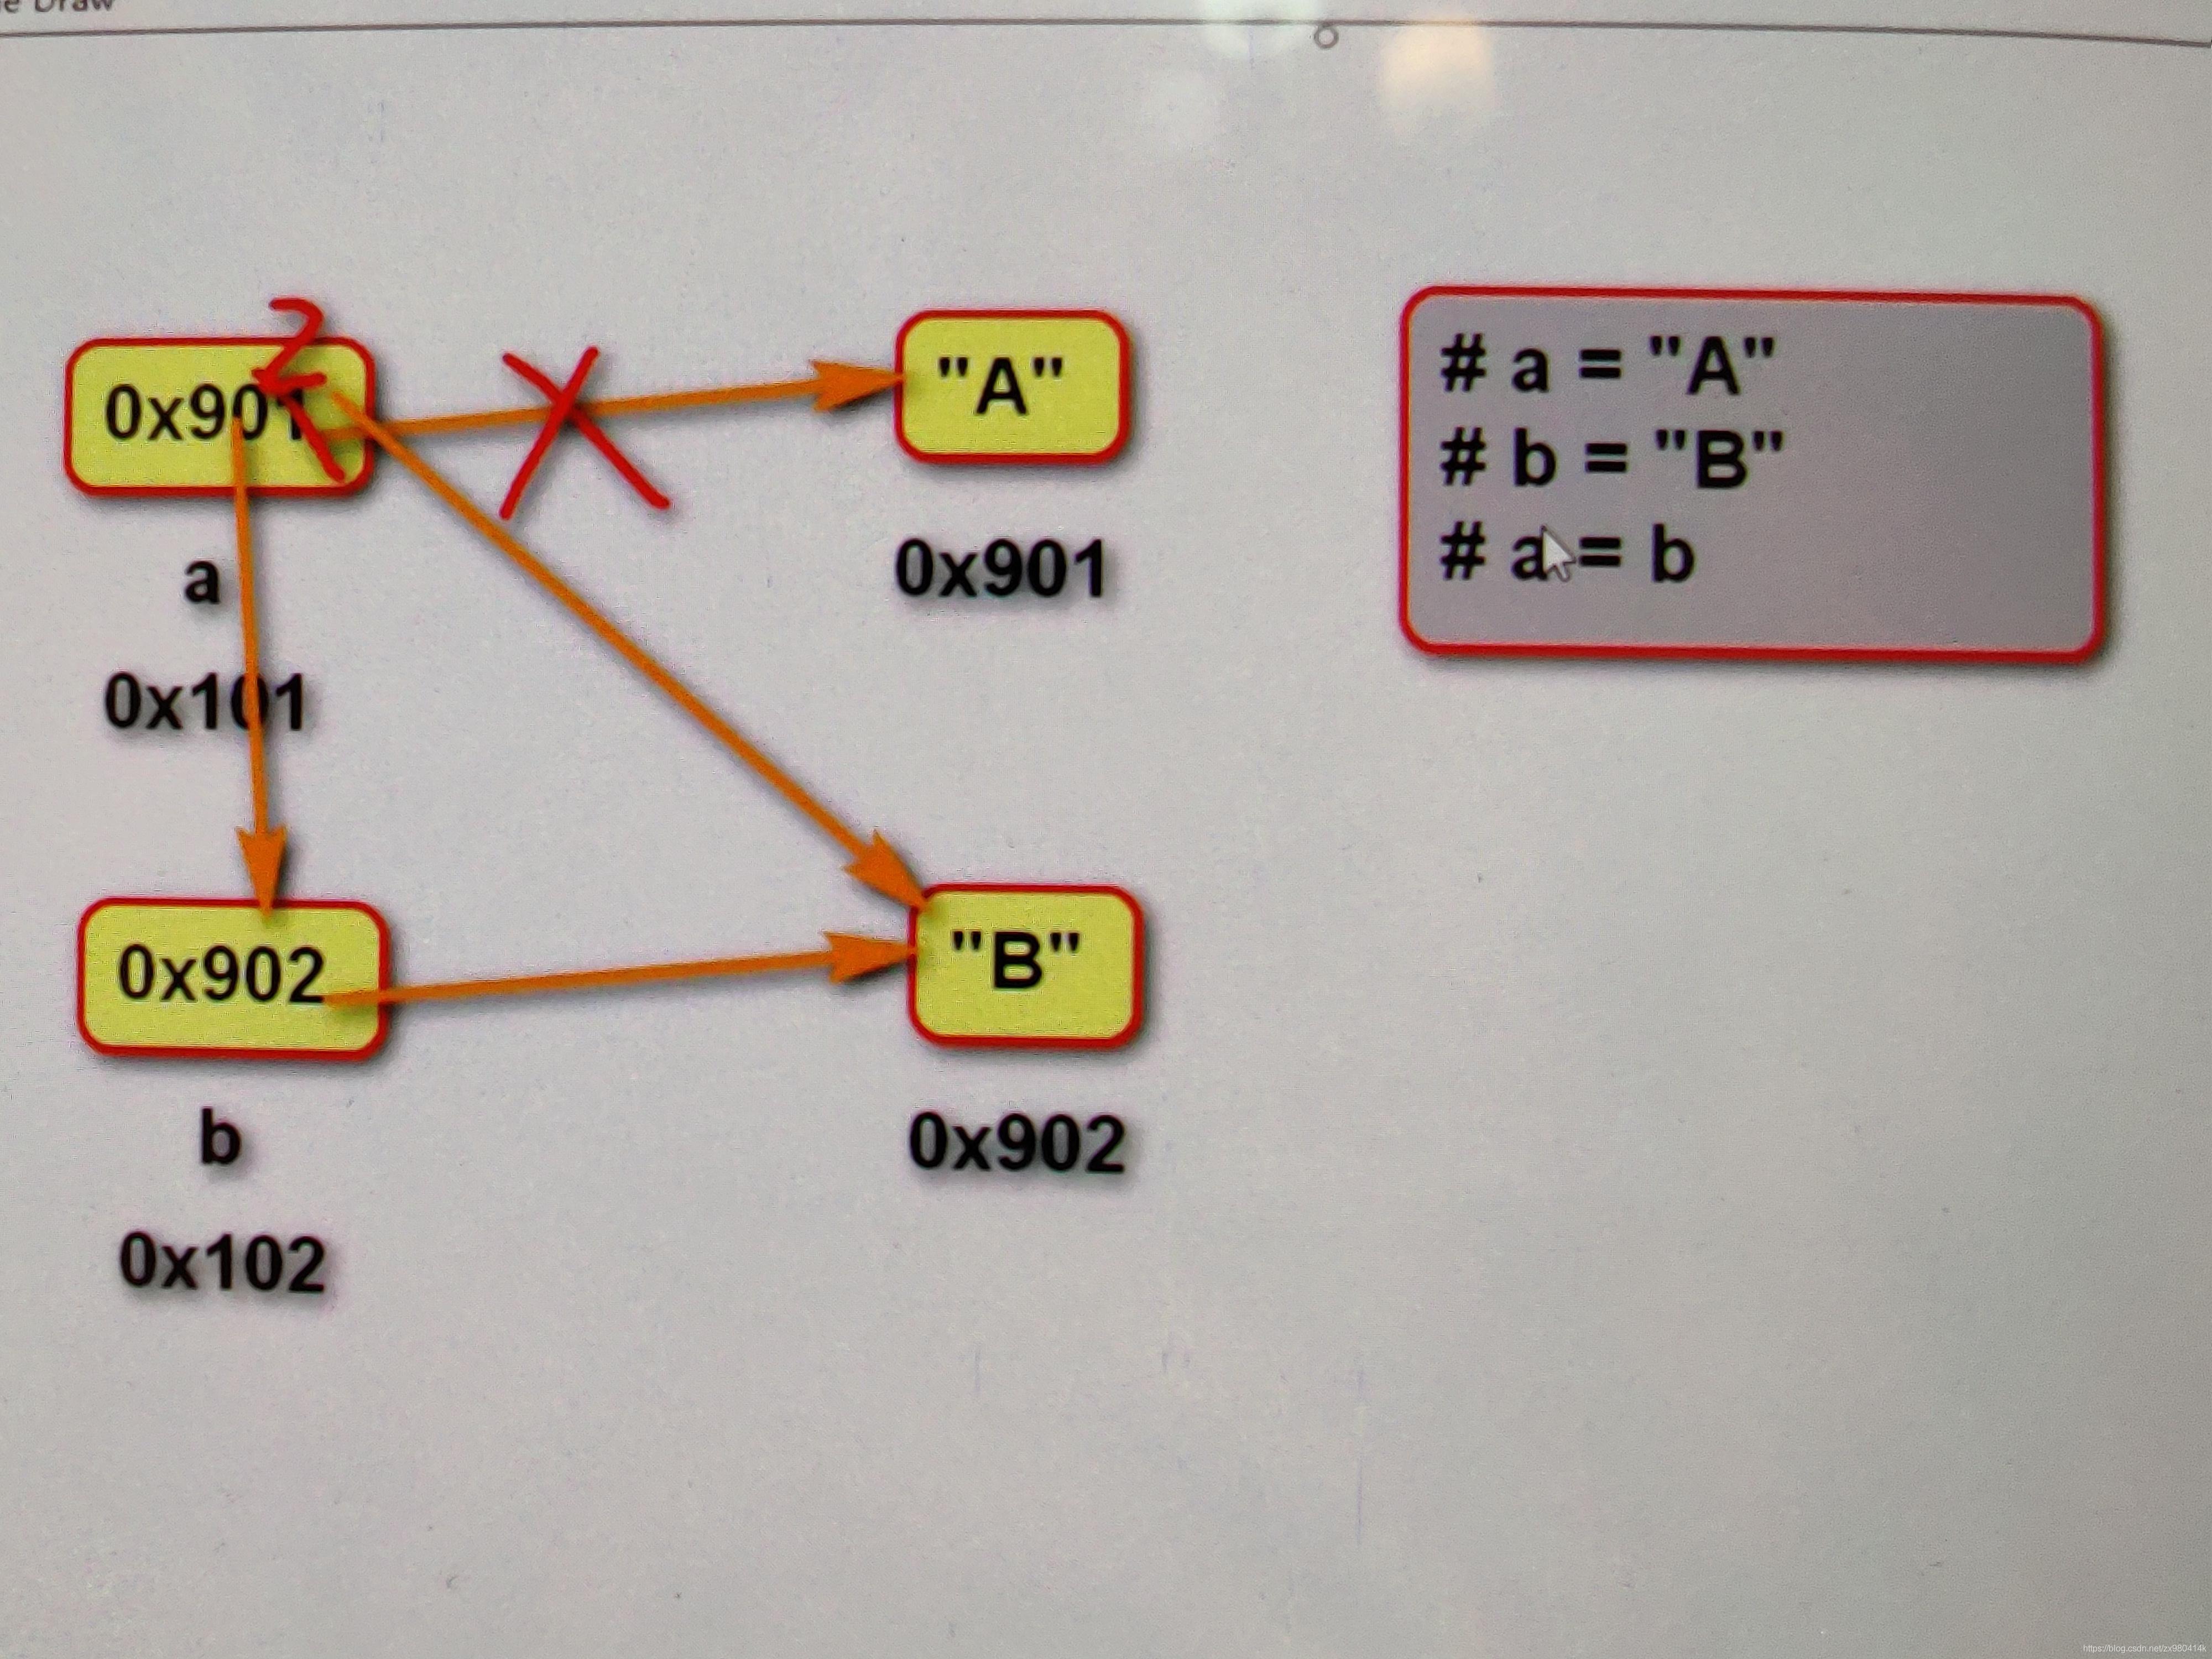 注意该内存图,并不是变量b把自己的地址给了a进行存储,而是变量b把自己存储的地址给变量a存储。变量一般不给自身地址给其他变量,一般是将存储的地址直接给其他变量。